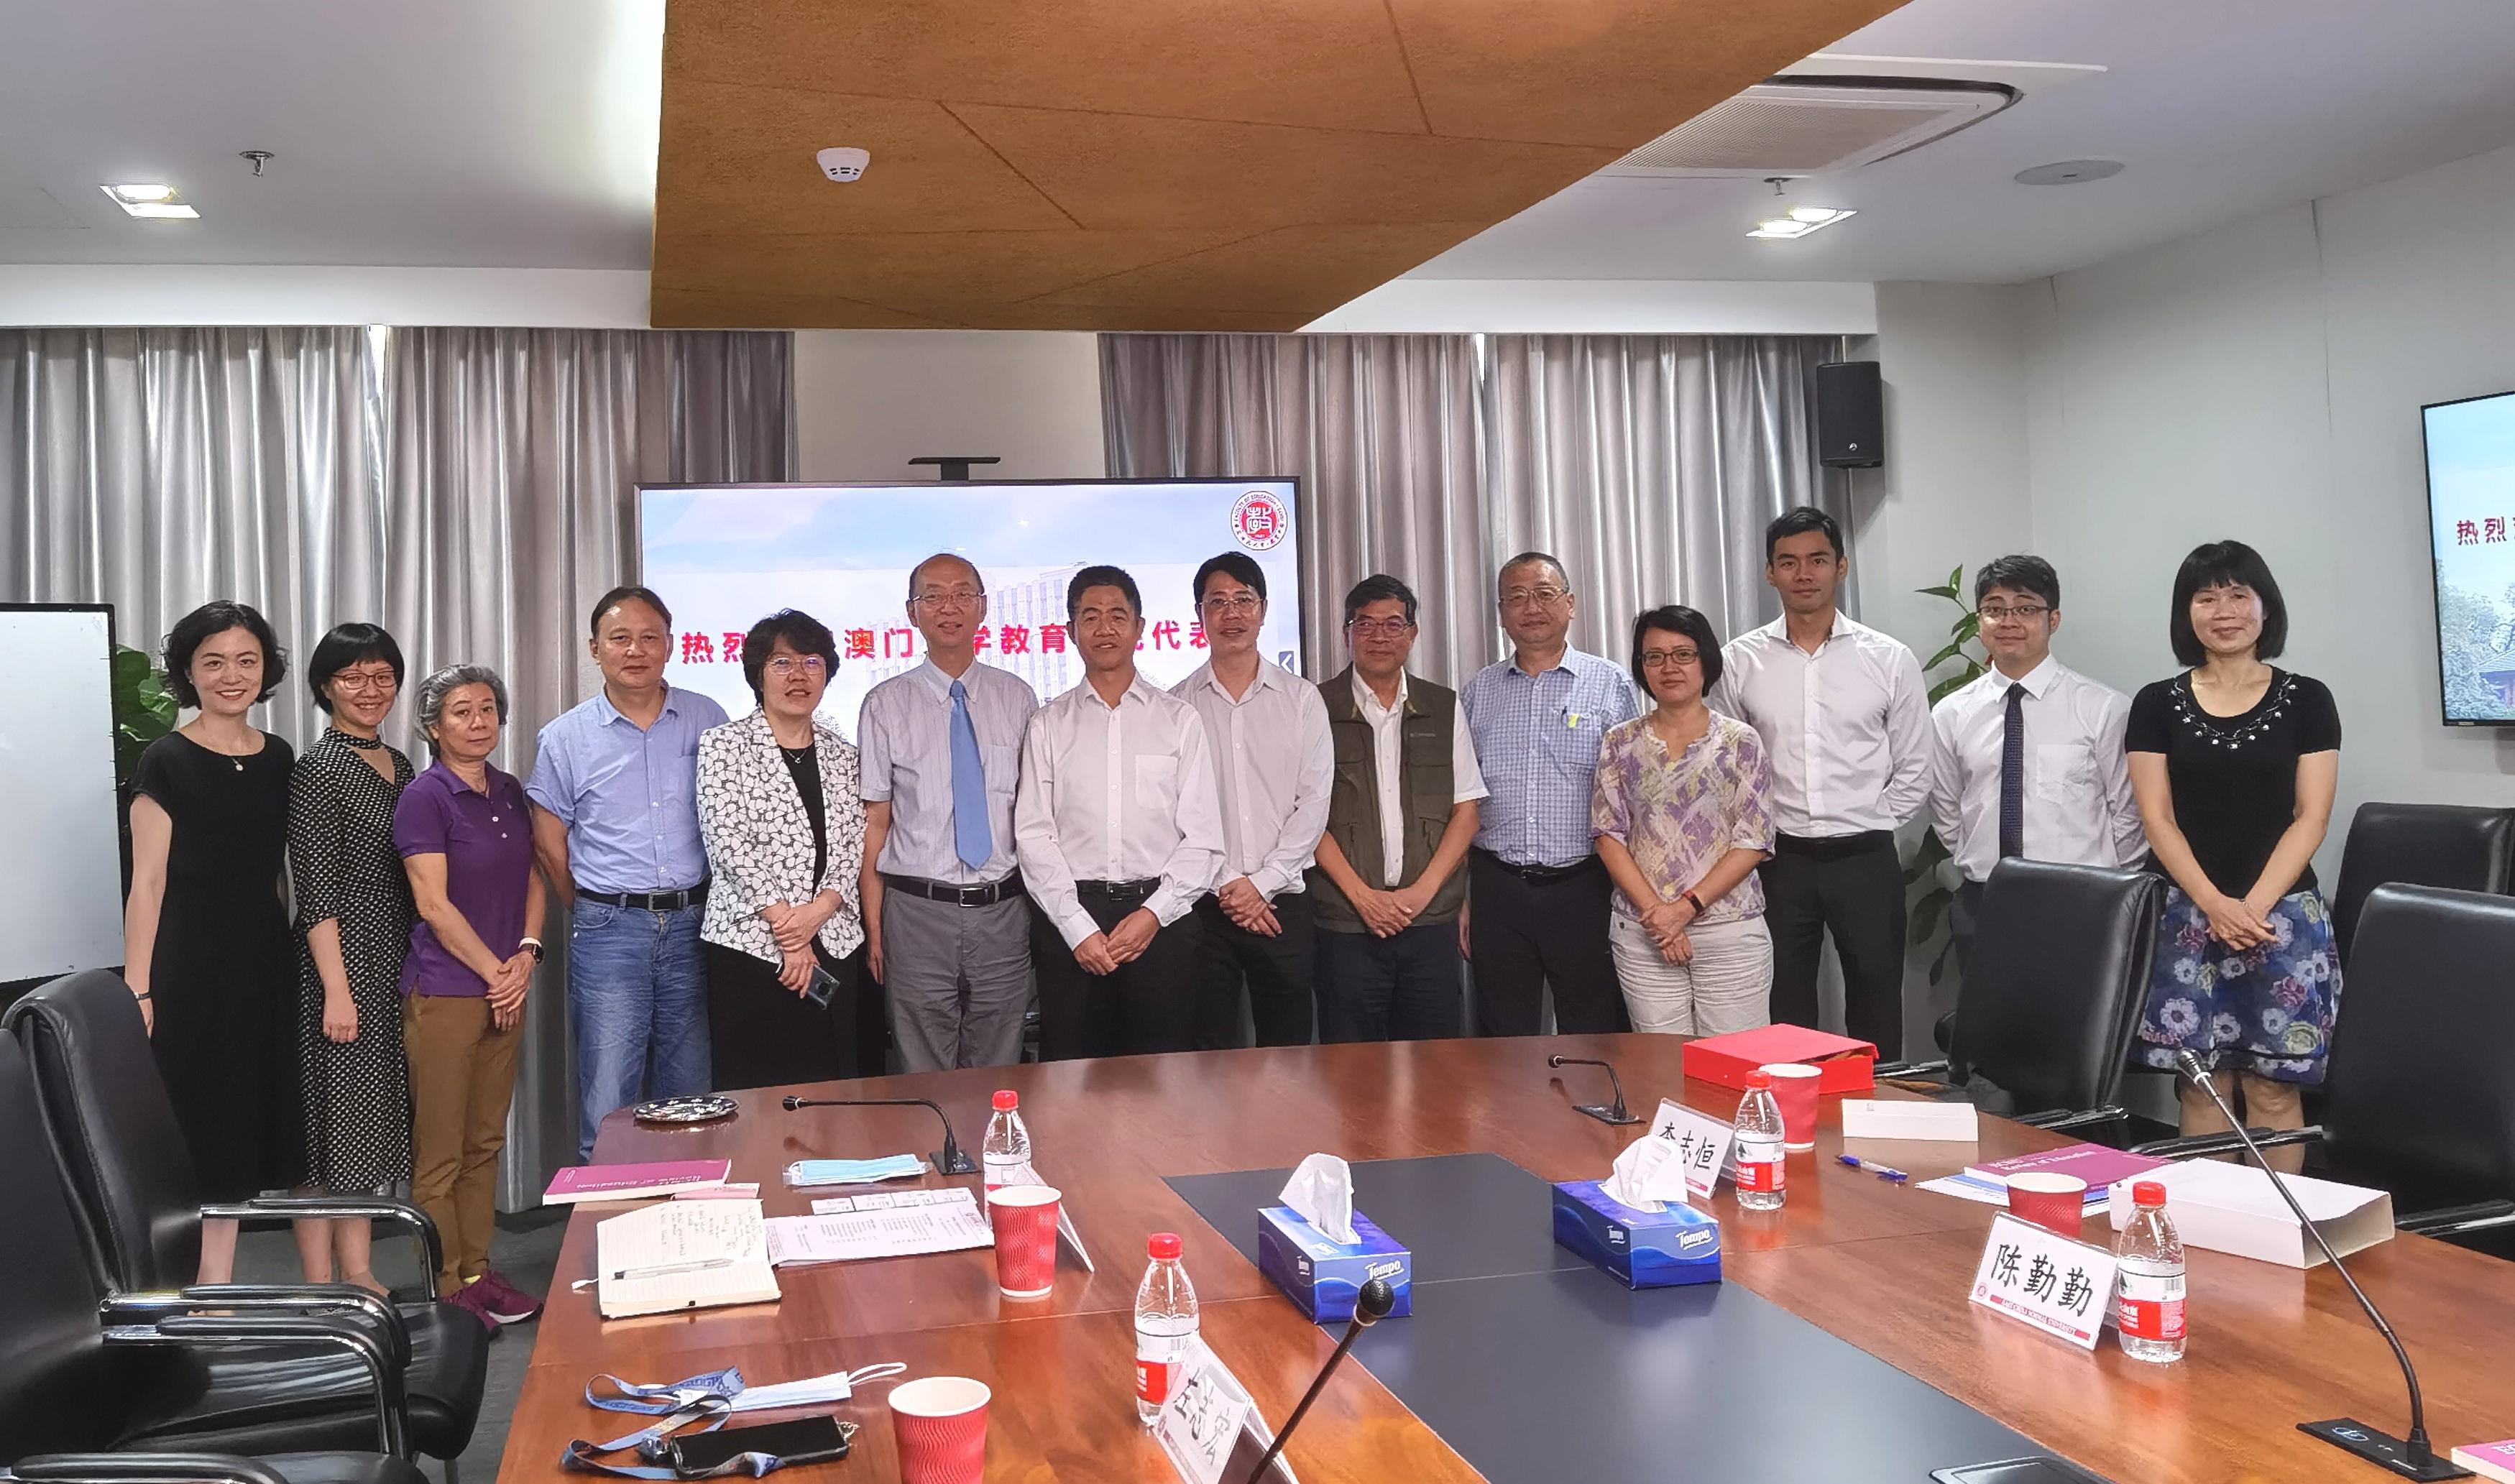 澳门大学教育学院代表团访问教育学部